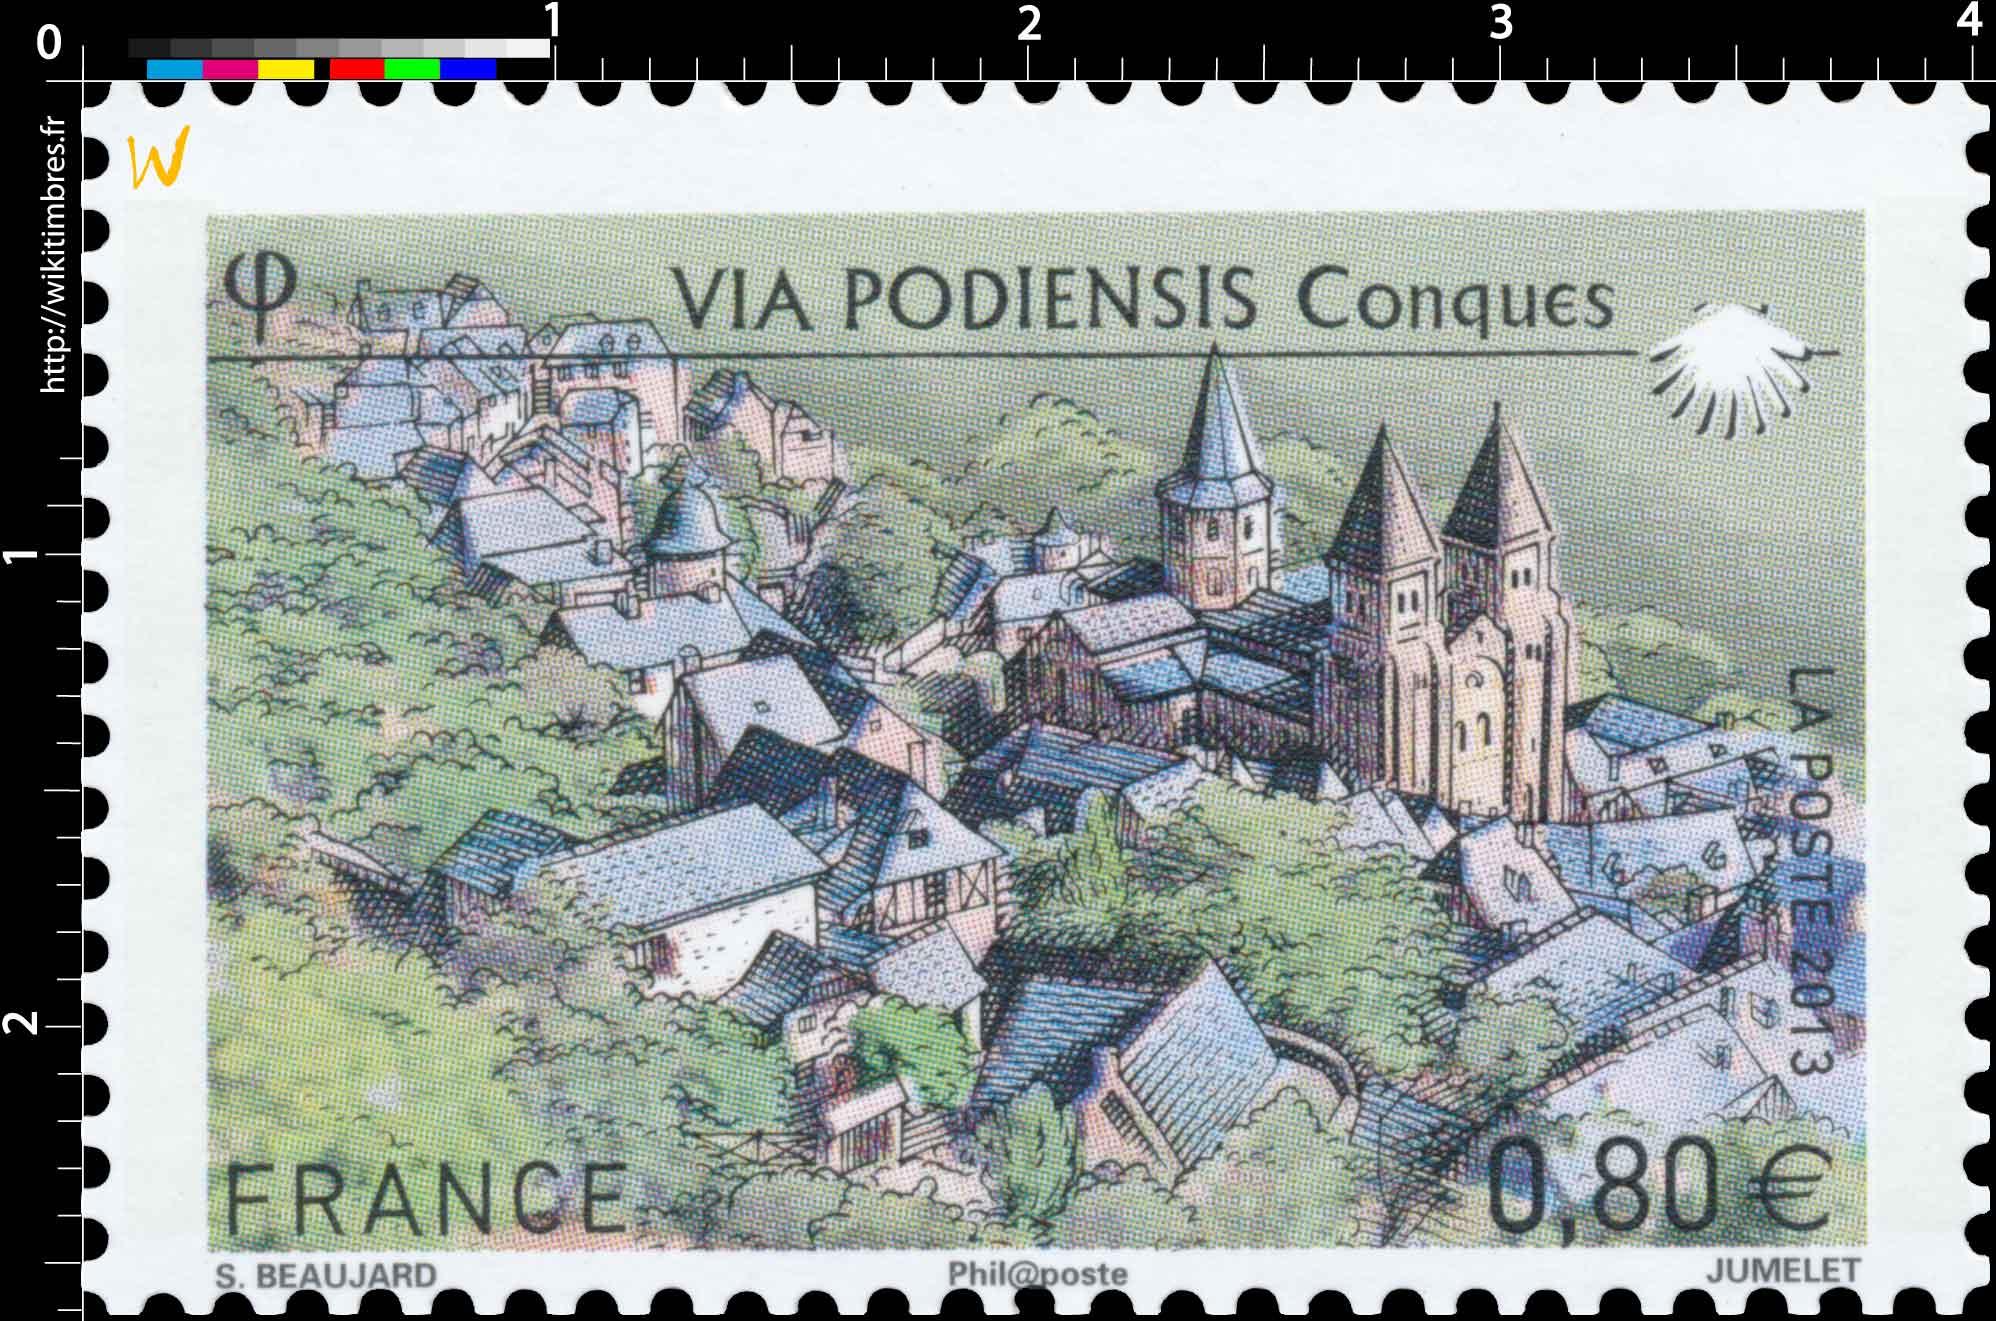 2013 Via Podiensis Conques